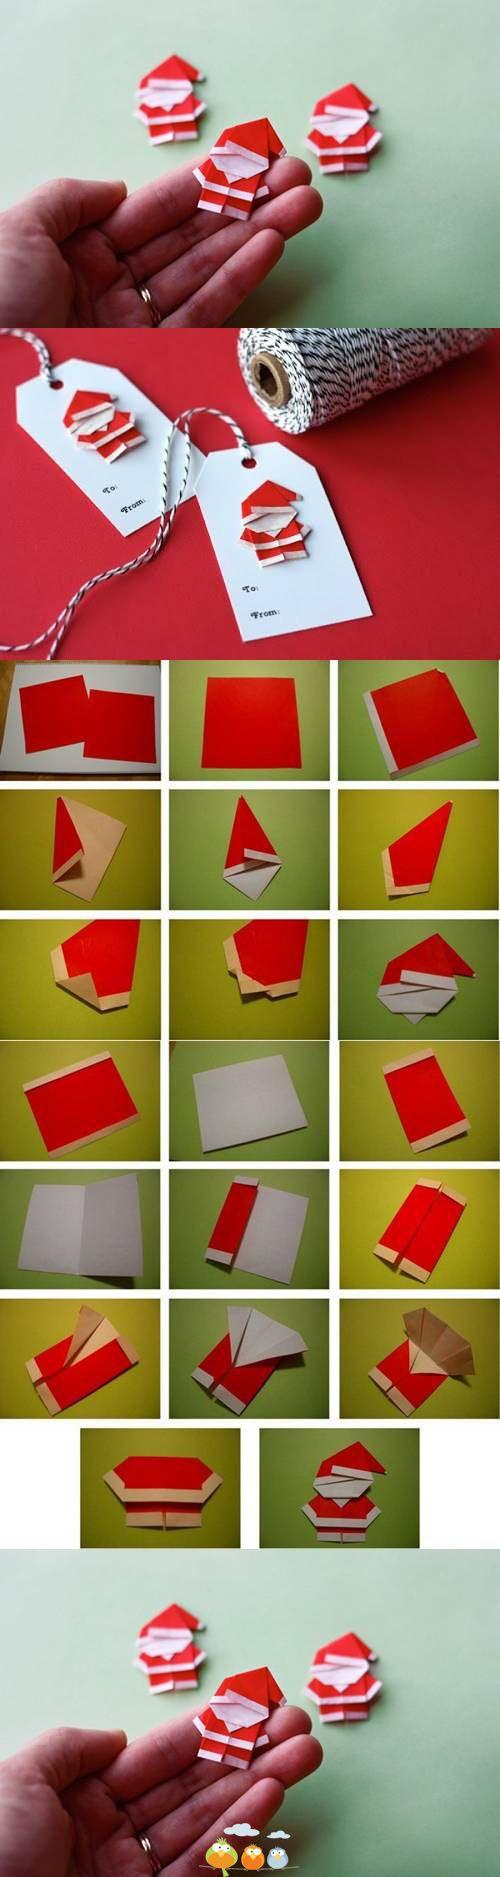 Weihnachten: origami weihnachtsmänner